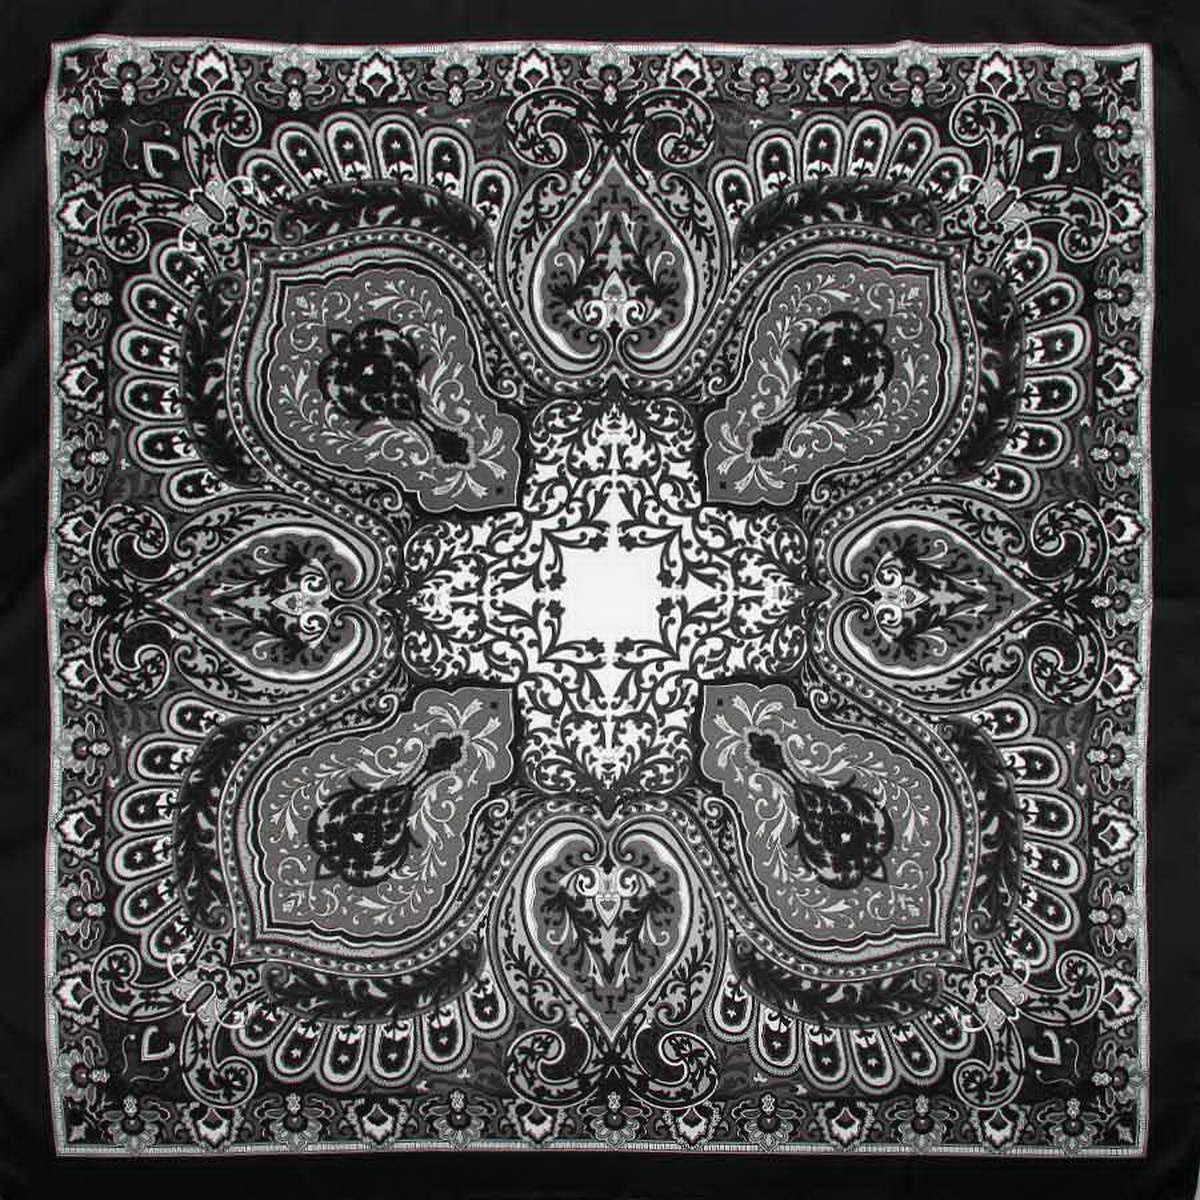 3906133-02Изысканный и невероятно красивый женский платок Venera изготовлен из нежного и легкого полиэстера, станет умопомрачительным аксессуаром для нежной и романтичной женщины, которая всегда стремиться произвести эффект на окружающих. Этот замечательный платок с деликатным восточным рисунком добавит образу экзотичности, восточного шарма и великолепия. Классическая квадратная форма позволяет носить платок на шее, украшать им прическу или декорировать сумочку. Такой платок превосходно дополнит любой наряд и подчеркнет ваш неповторимый вкус и элегантность.